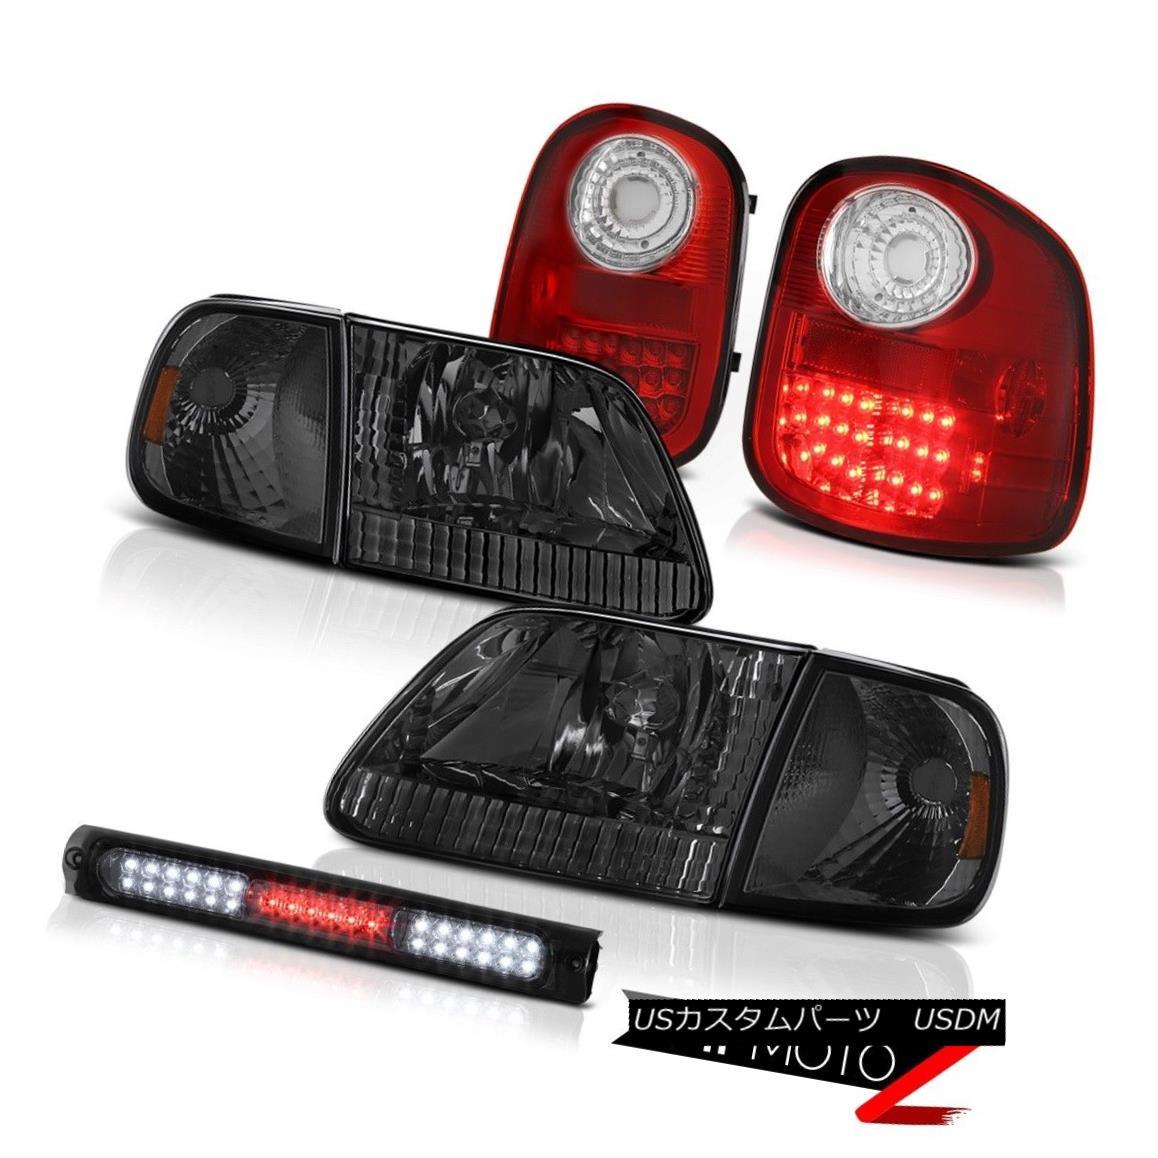 ヘッドライト Smoke Bumper Headlamps LED Taillight Tint 3rd Brake 1997-2003 F150 Flareside XLT スモークバンパーヘッドランプLEDテールライトティント第3ブレーキ1997-2003 F150 Flareside XLT